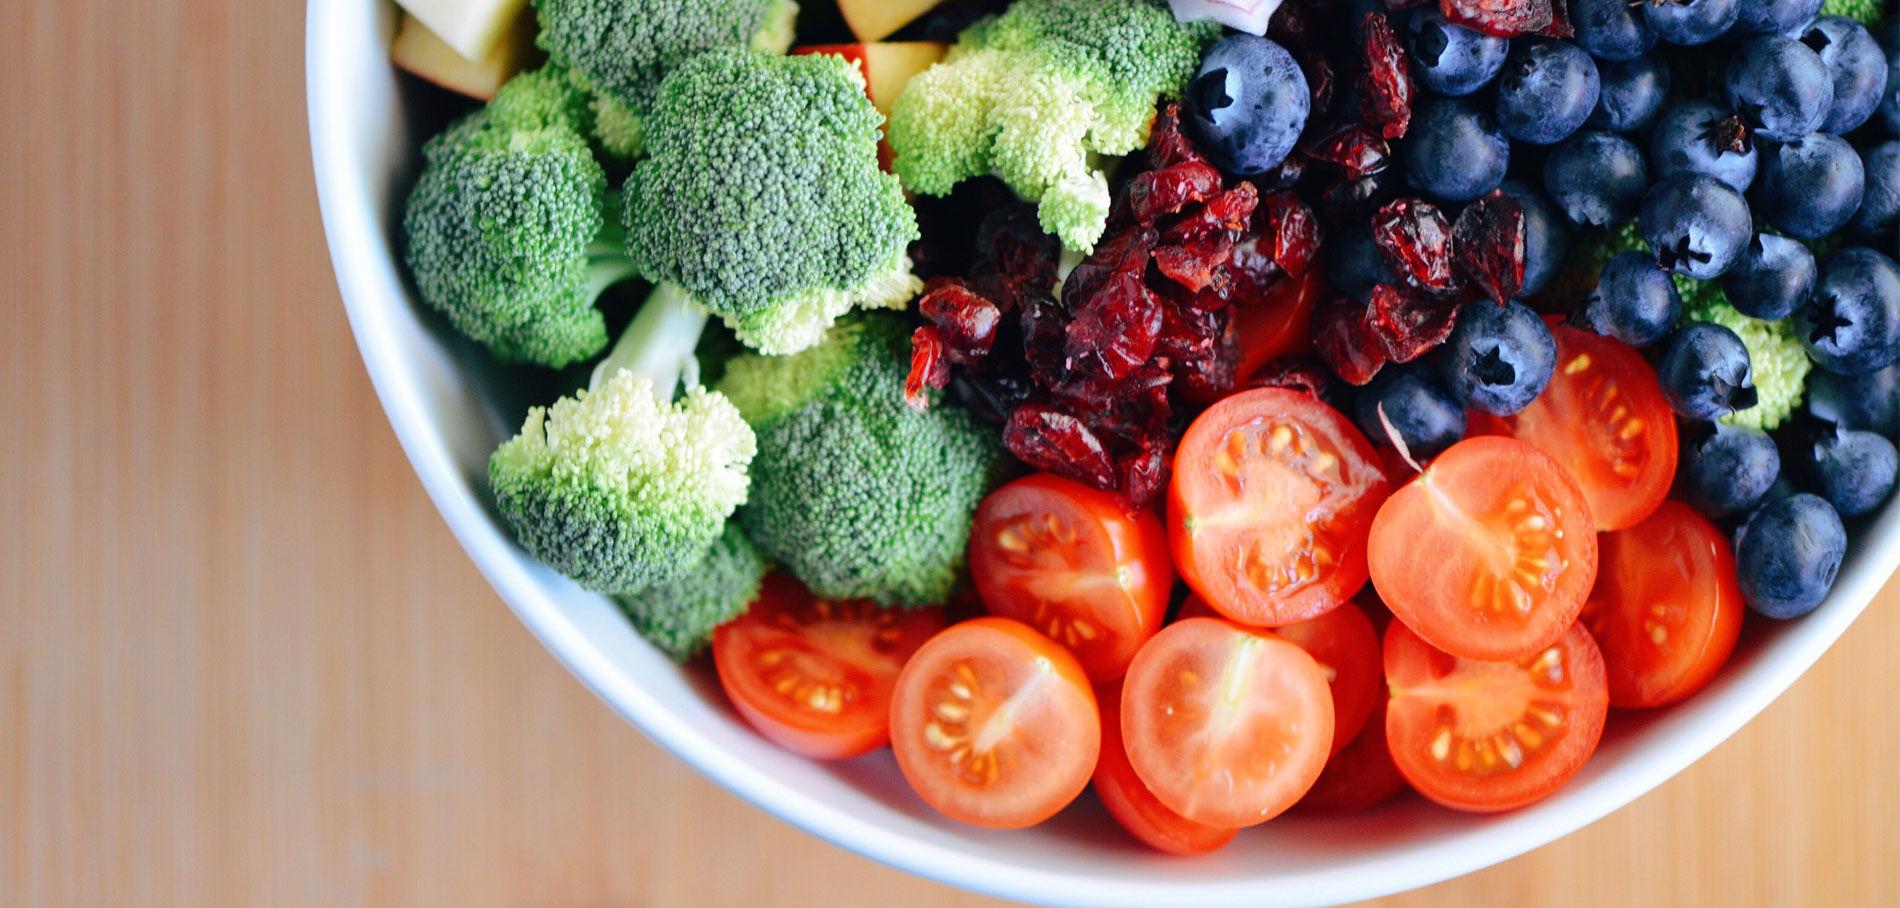 Il-faudrait-manger-non-pas-5-fruits-et-legumes-par-jour-mais-10-ca-commence-a-faire-beaucoup_exact1900x908_l